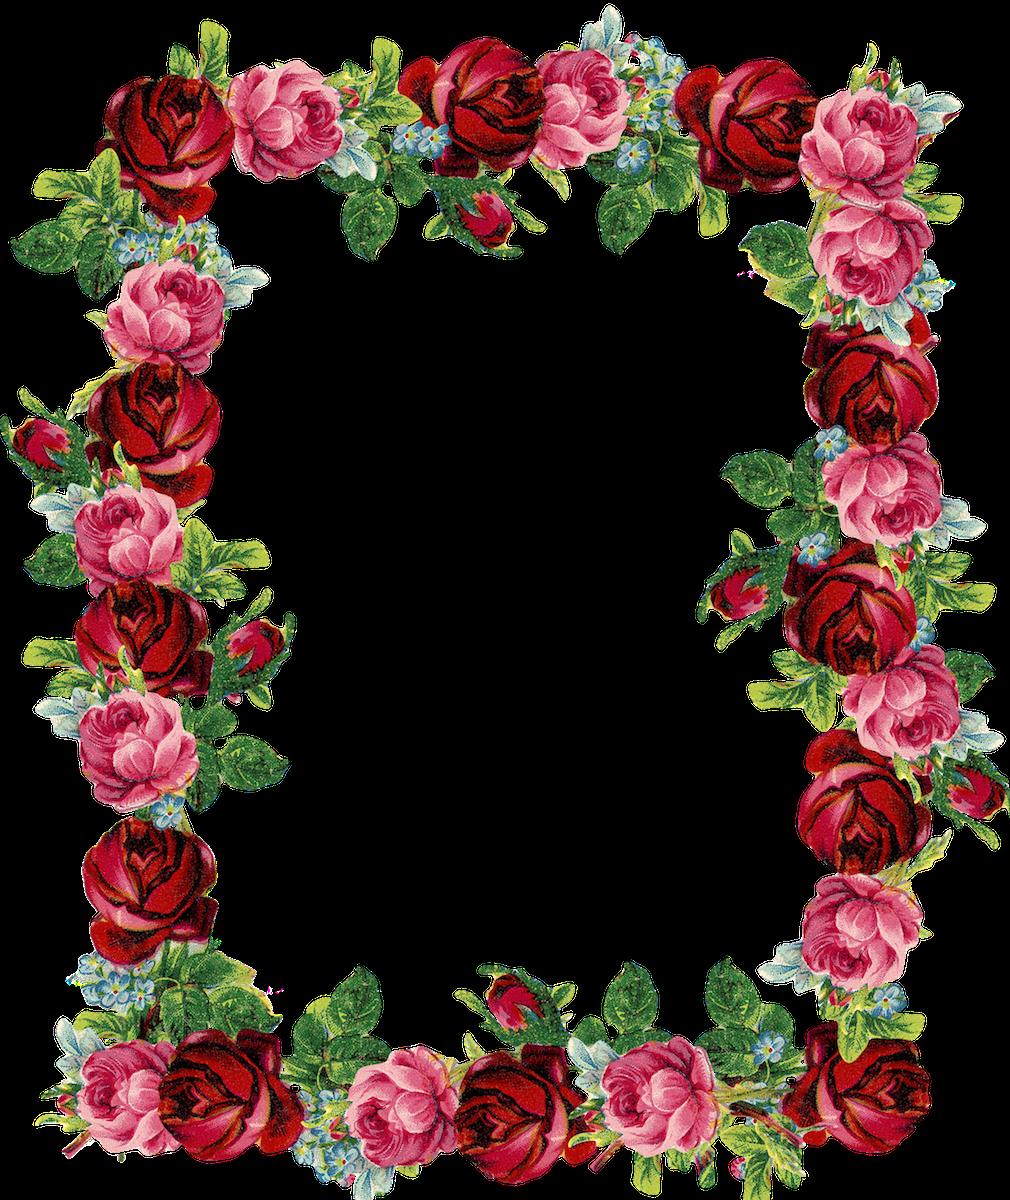 Free digital vintage rose frame and border png.